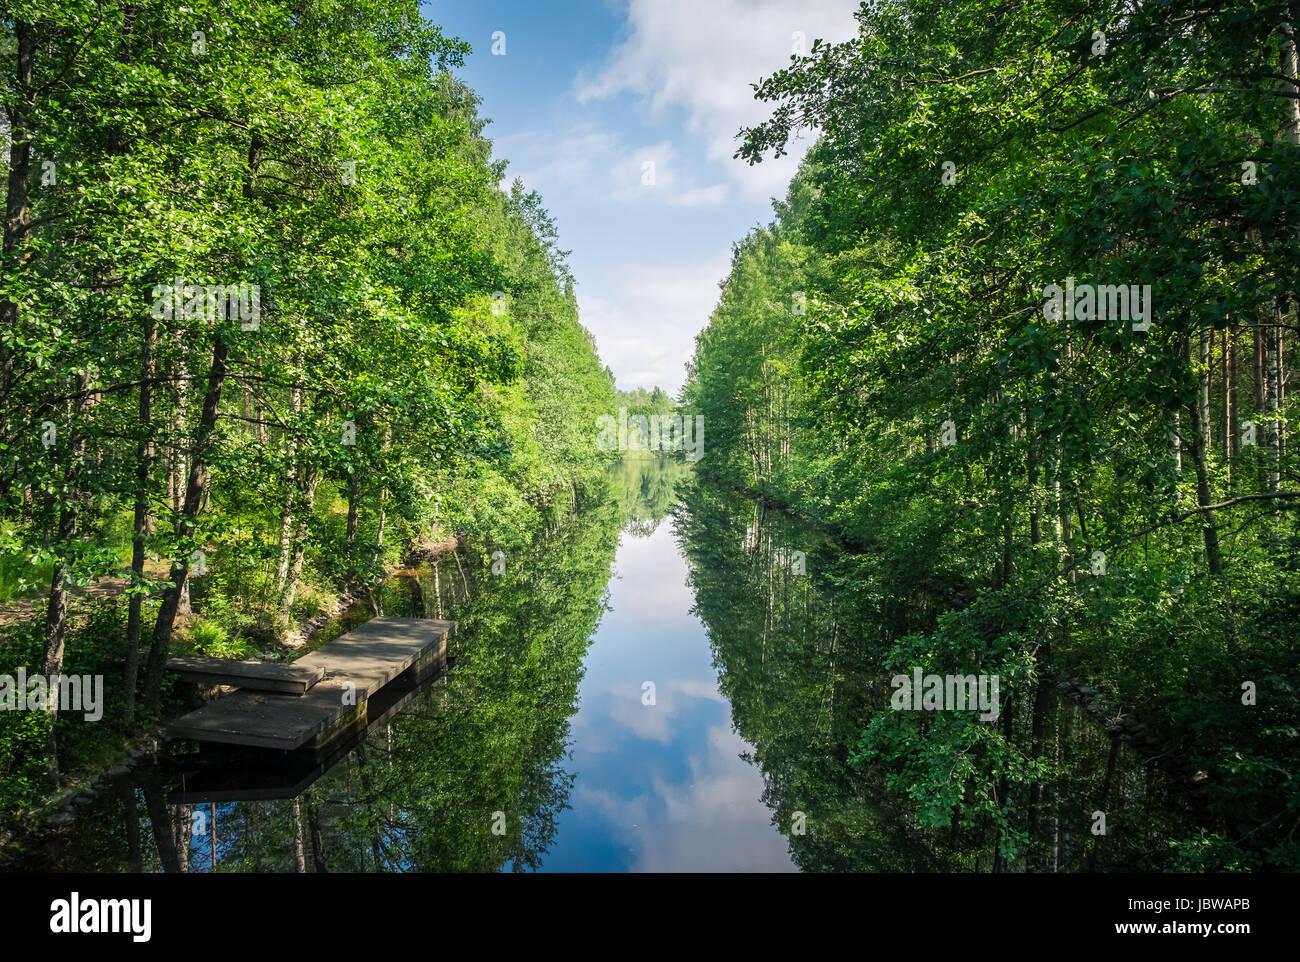 Paysage pittoresque, avec canal et une végétation luxuriante à bright journée d'été Photo Stock